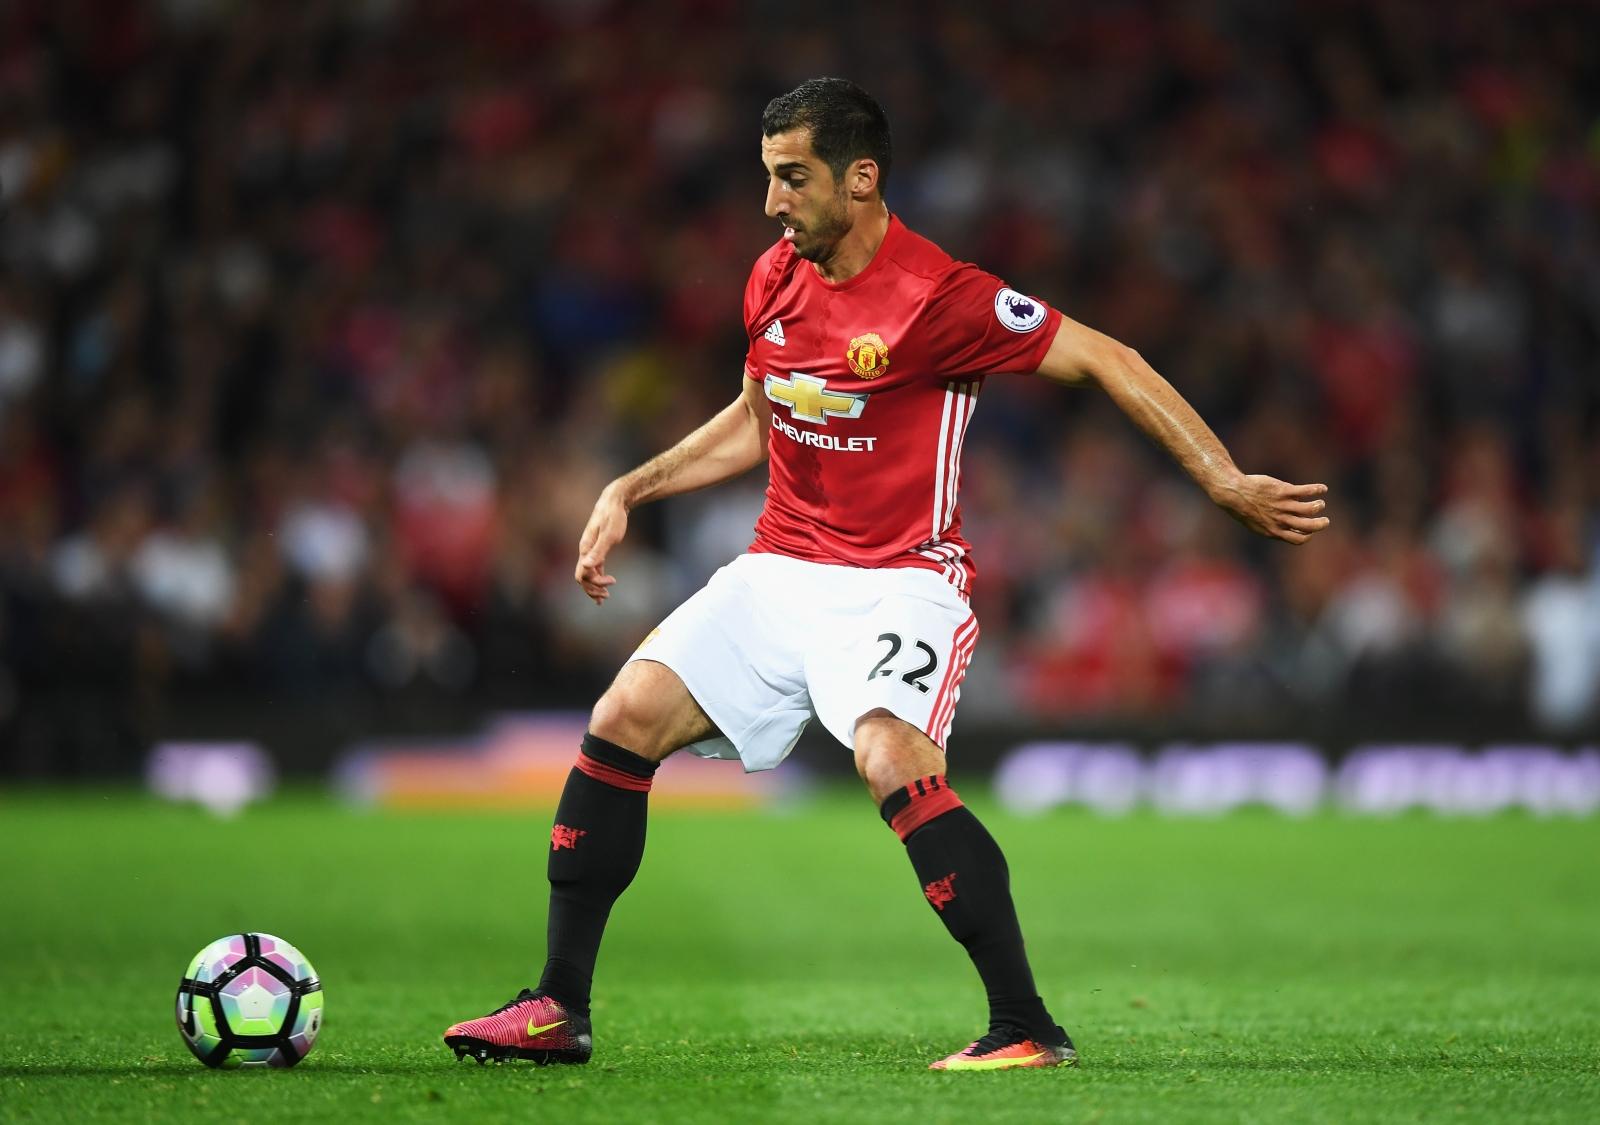 Henrikh Mkhitaryan Manchester United midfielder is baffled by